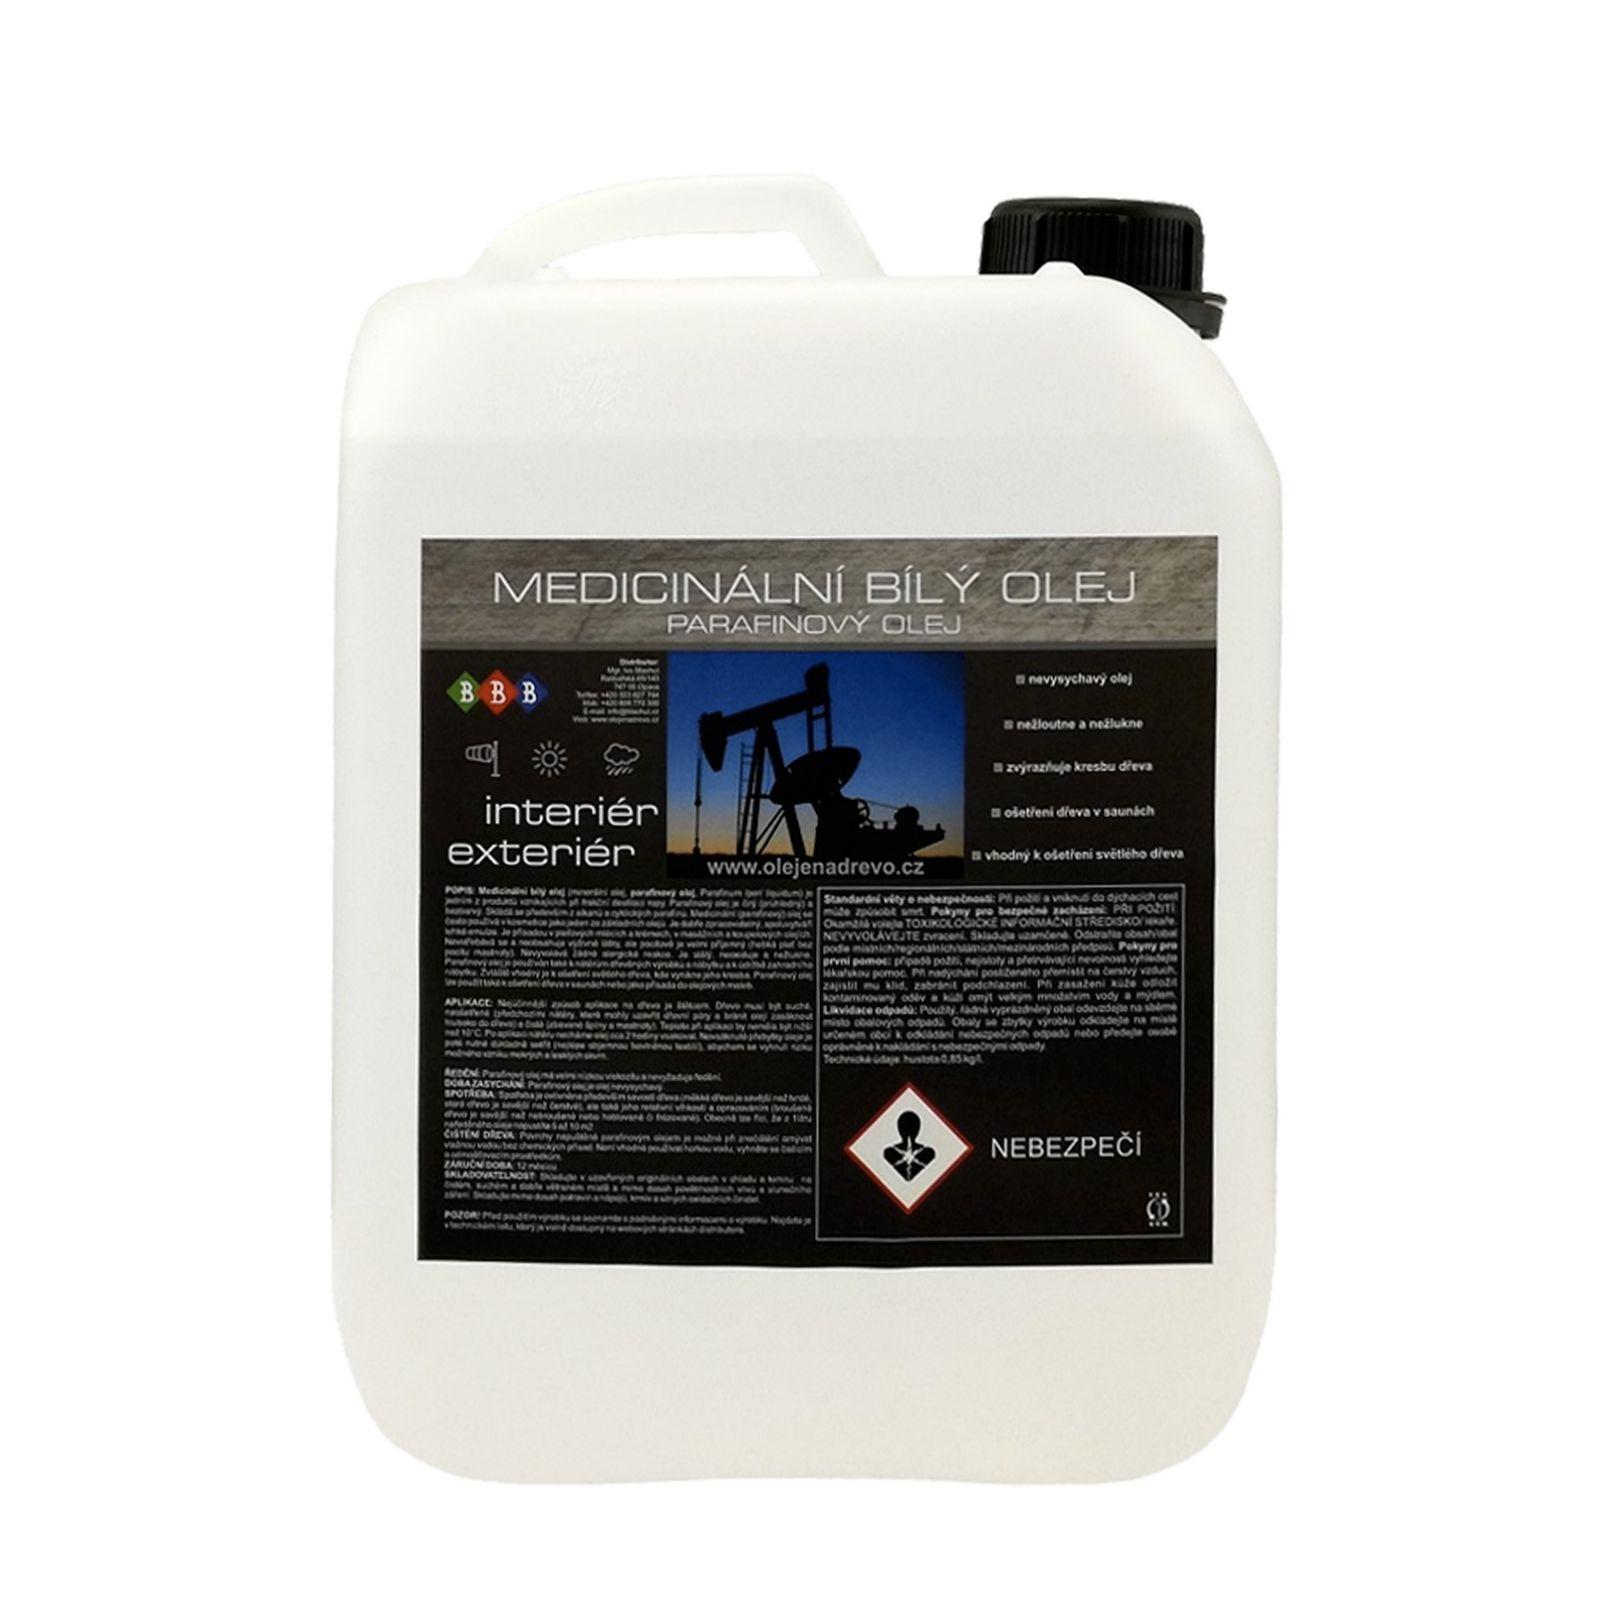 Parafinový olej na lavice v saunách (5L)